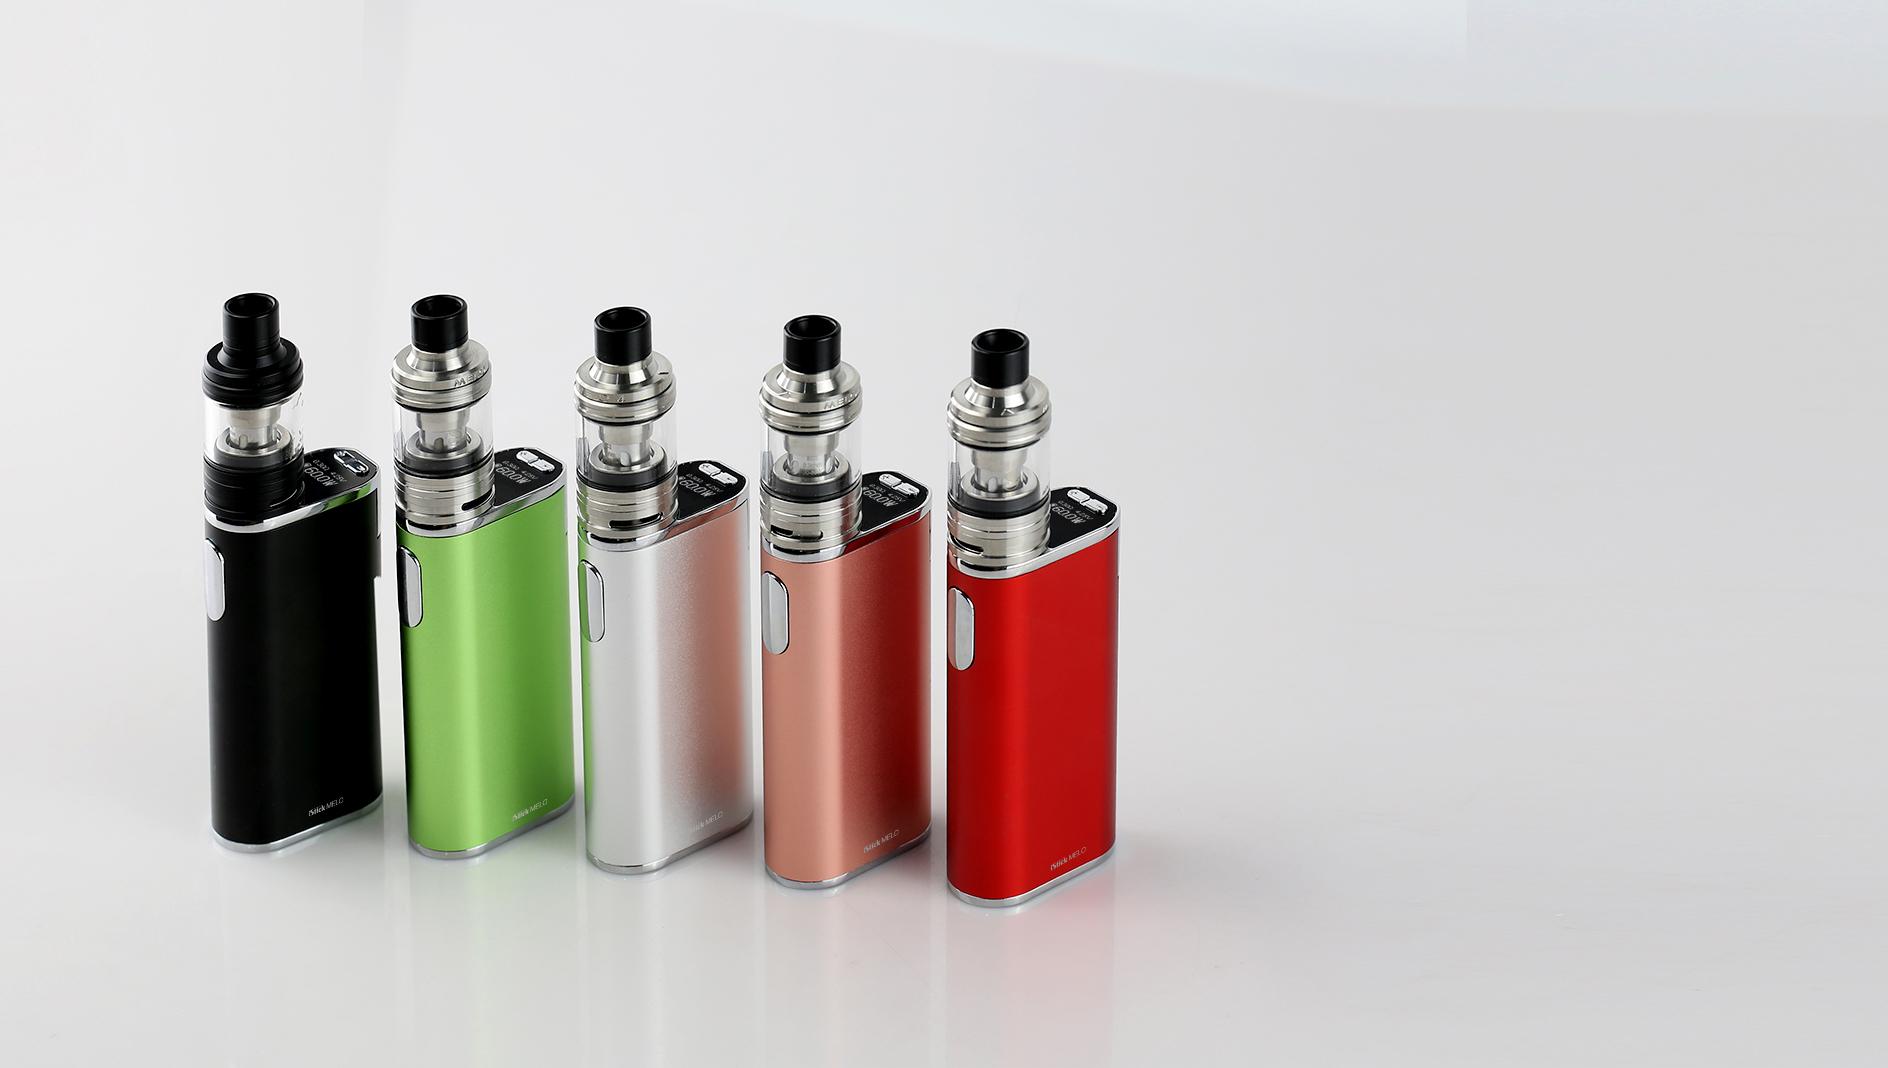 Comment remplir une cigarette électronique Eleaf ? 1